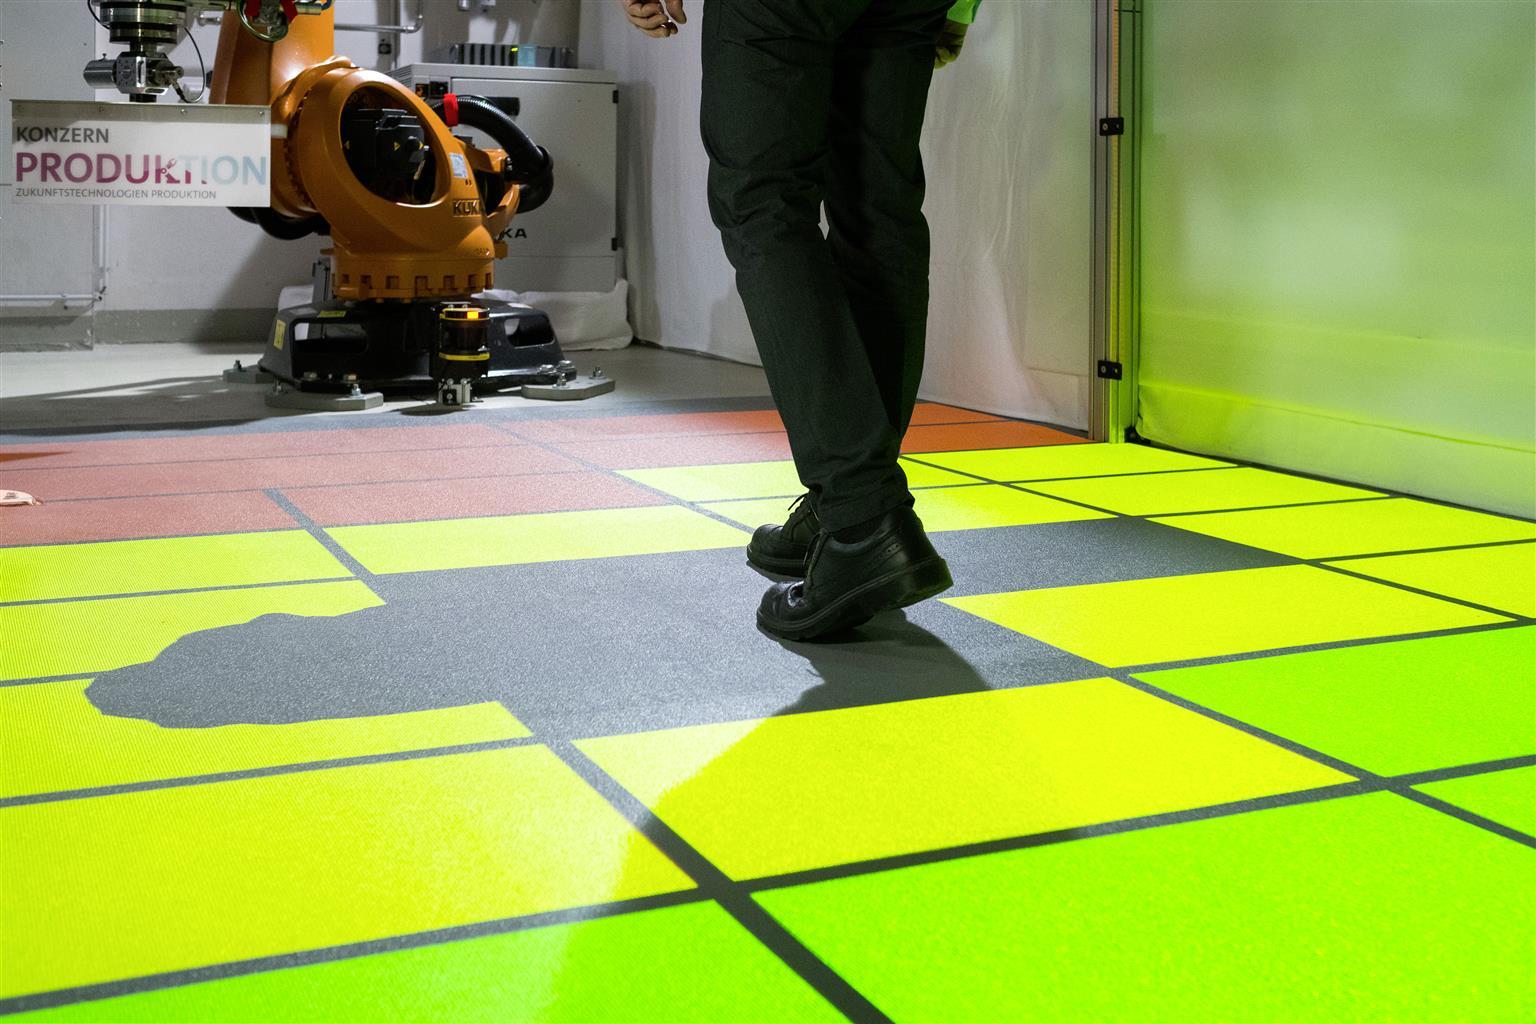 I colori danno al Collaboratore un'indicazione semplice e immediata delle aree dove può lavorare senza interferire con il robot (verde). Se si sposta dentro la zona gialla, il robot rallenta, per fermarsi completamente quando l'operatore entra nella zona rossa.